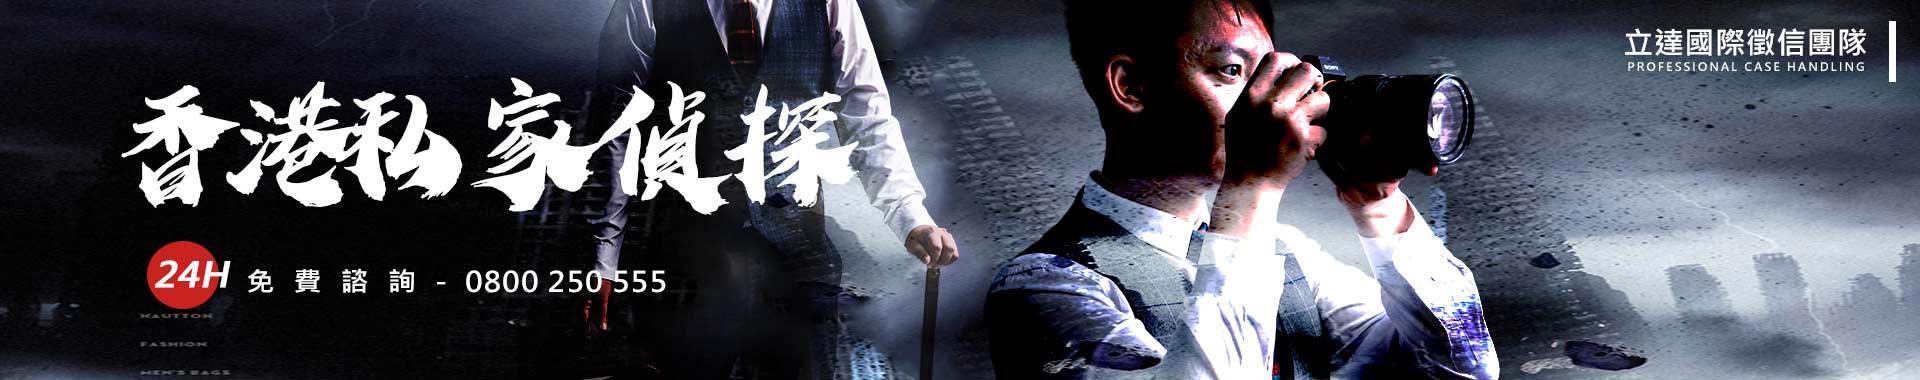 香港私家偵探